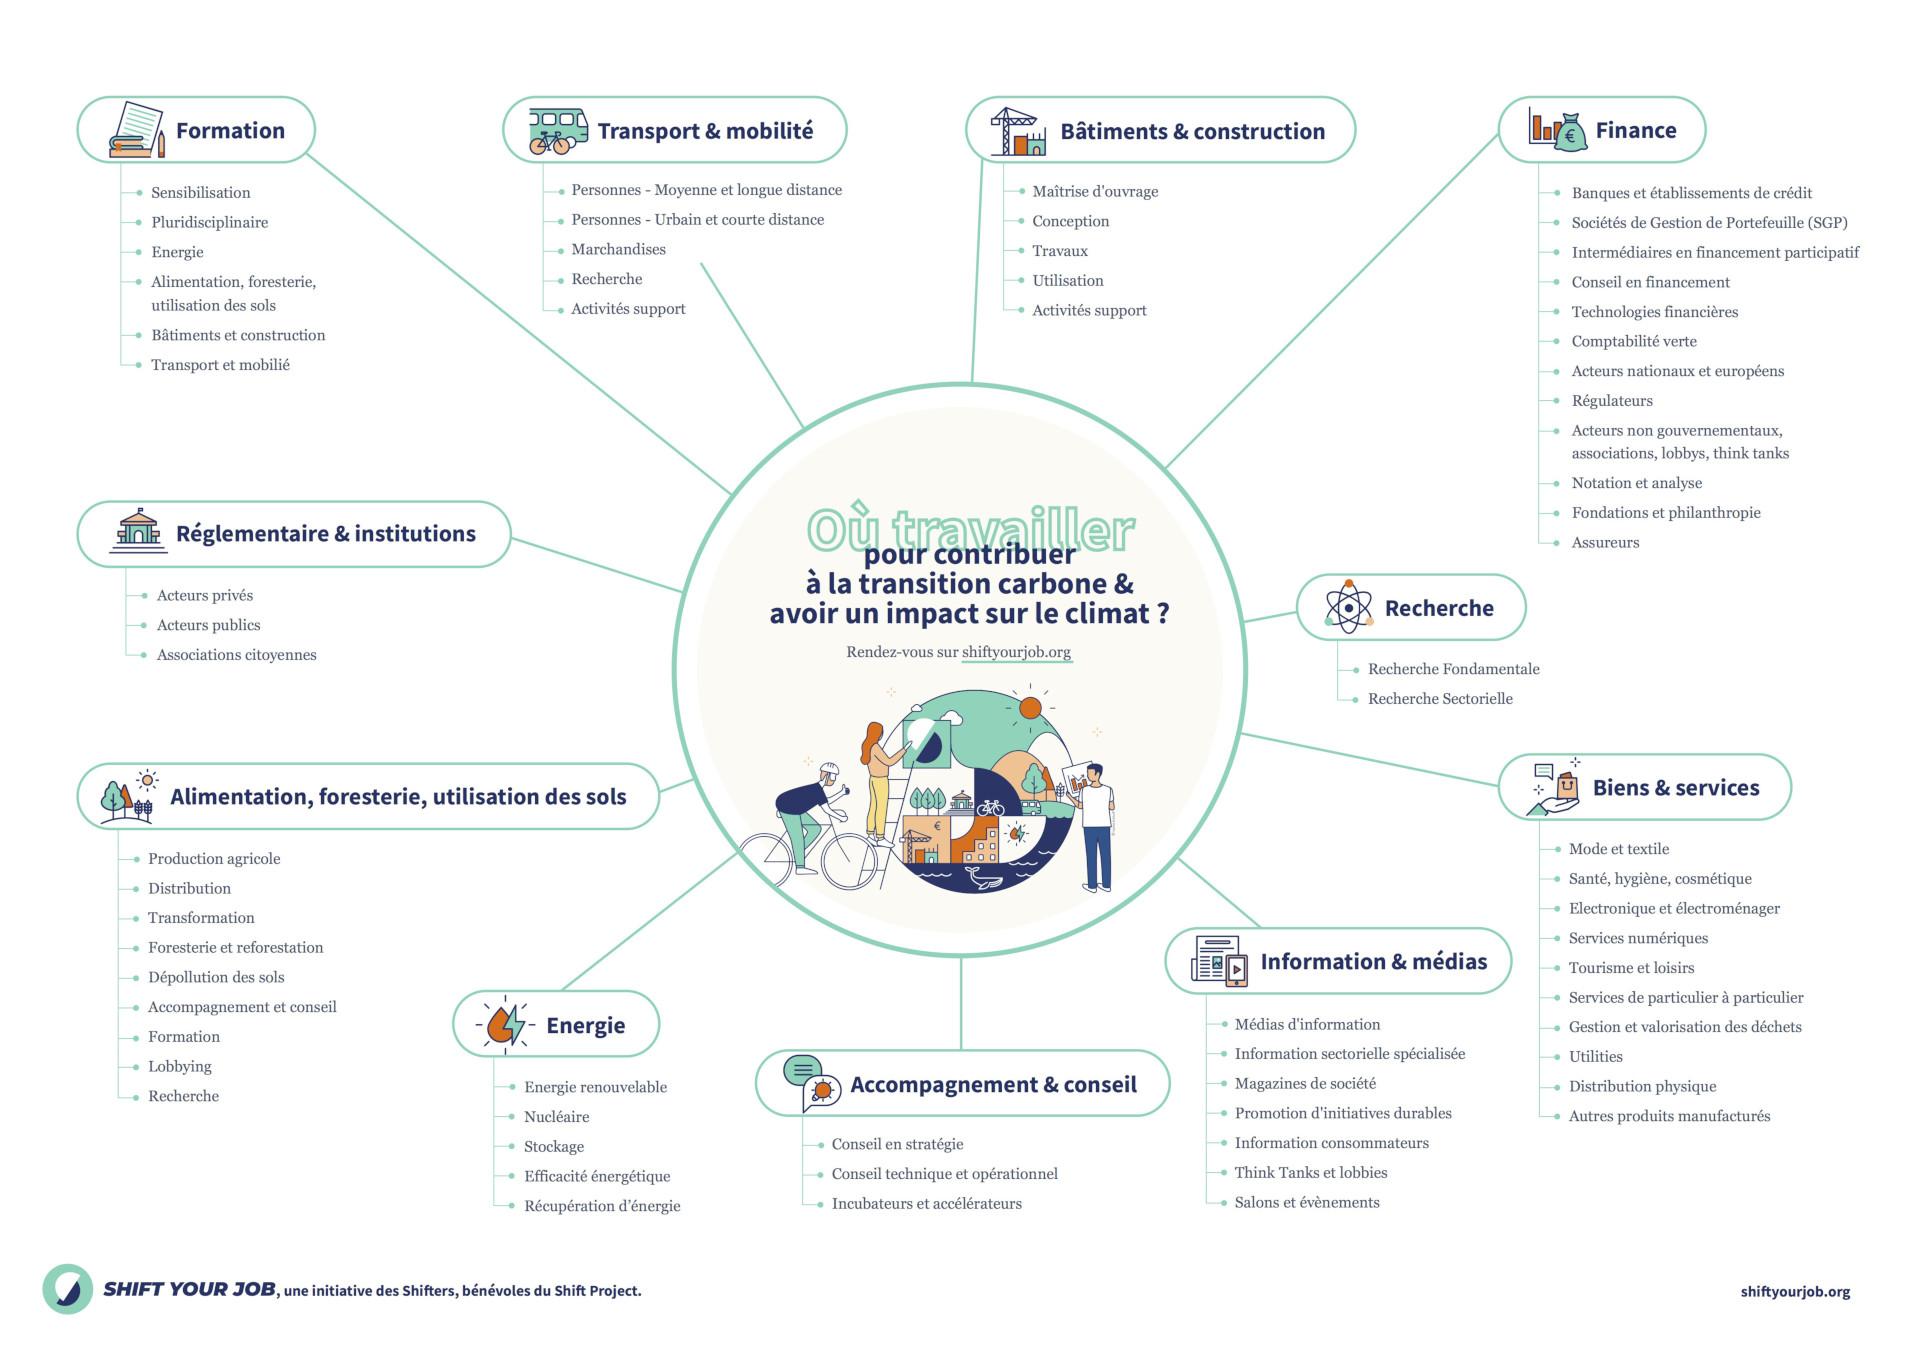 Shift Your Job : secteurs et sous-secteurs des organisations